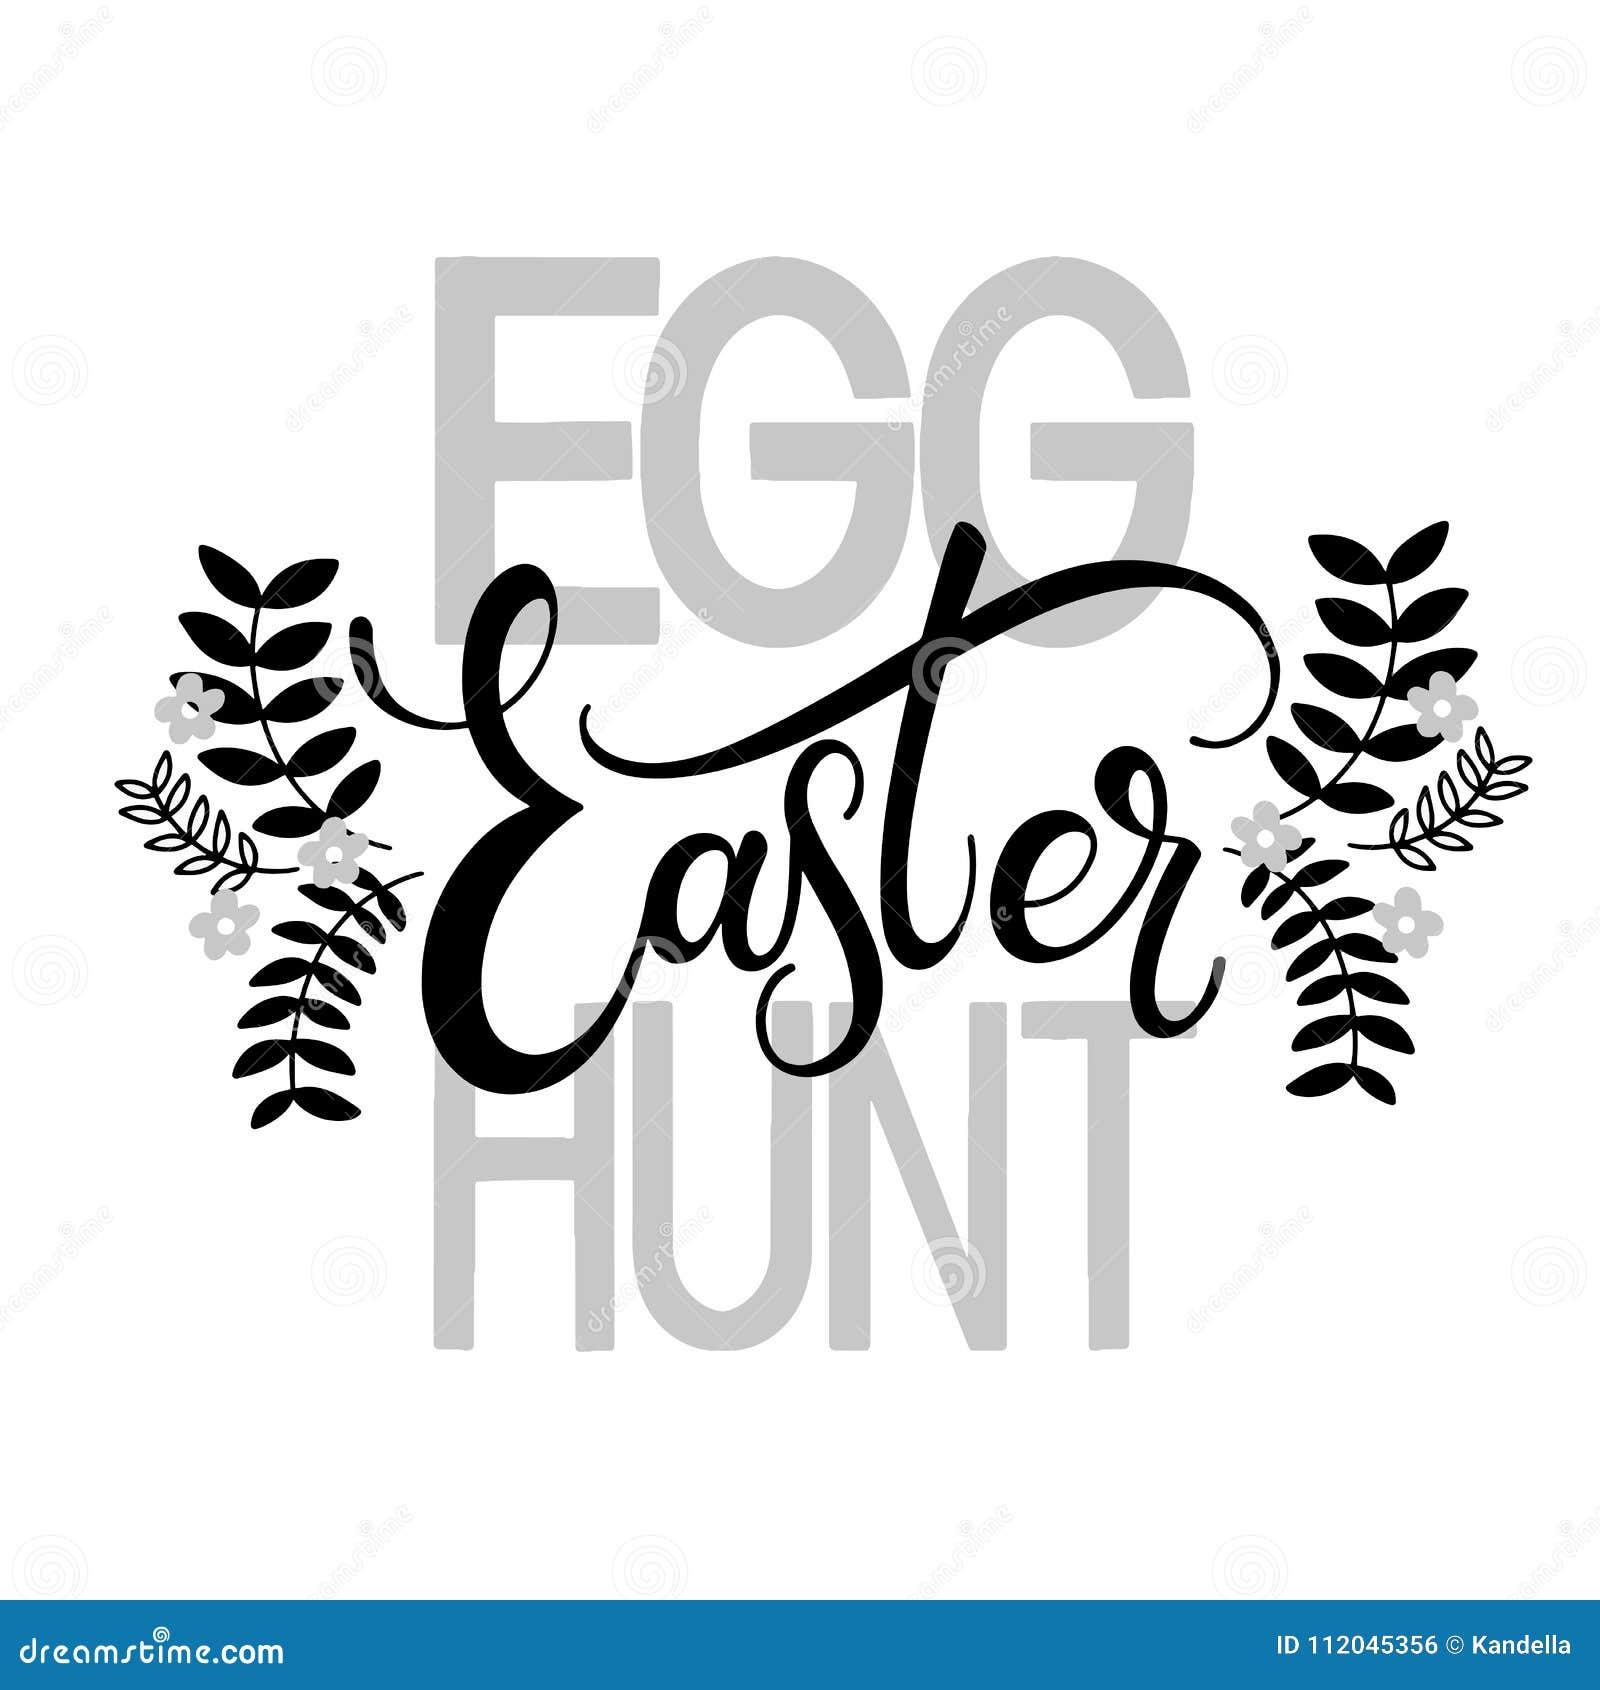 Easter egg hunt lettering stock vector illustration of happy download comp m4hsunfo